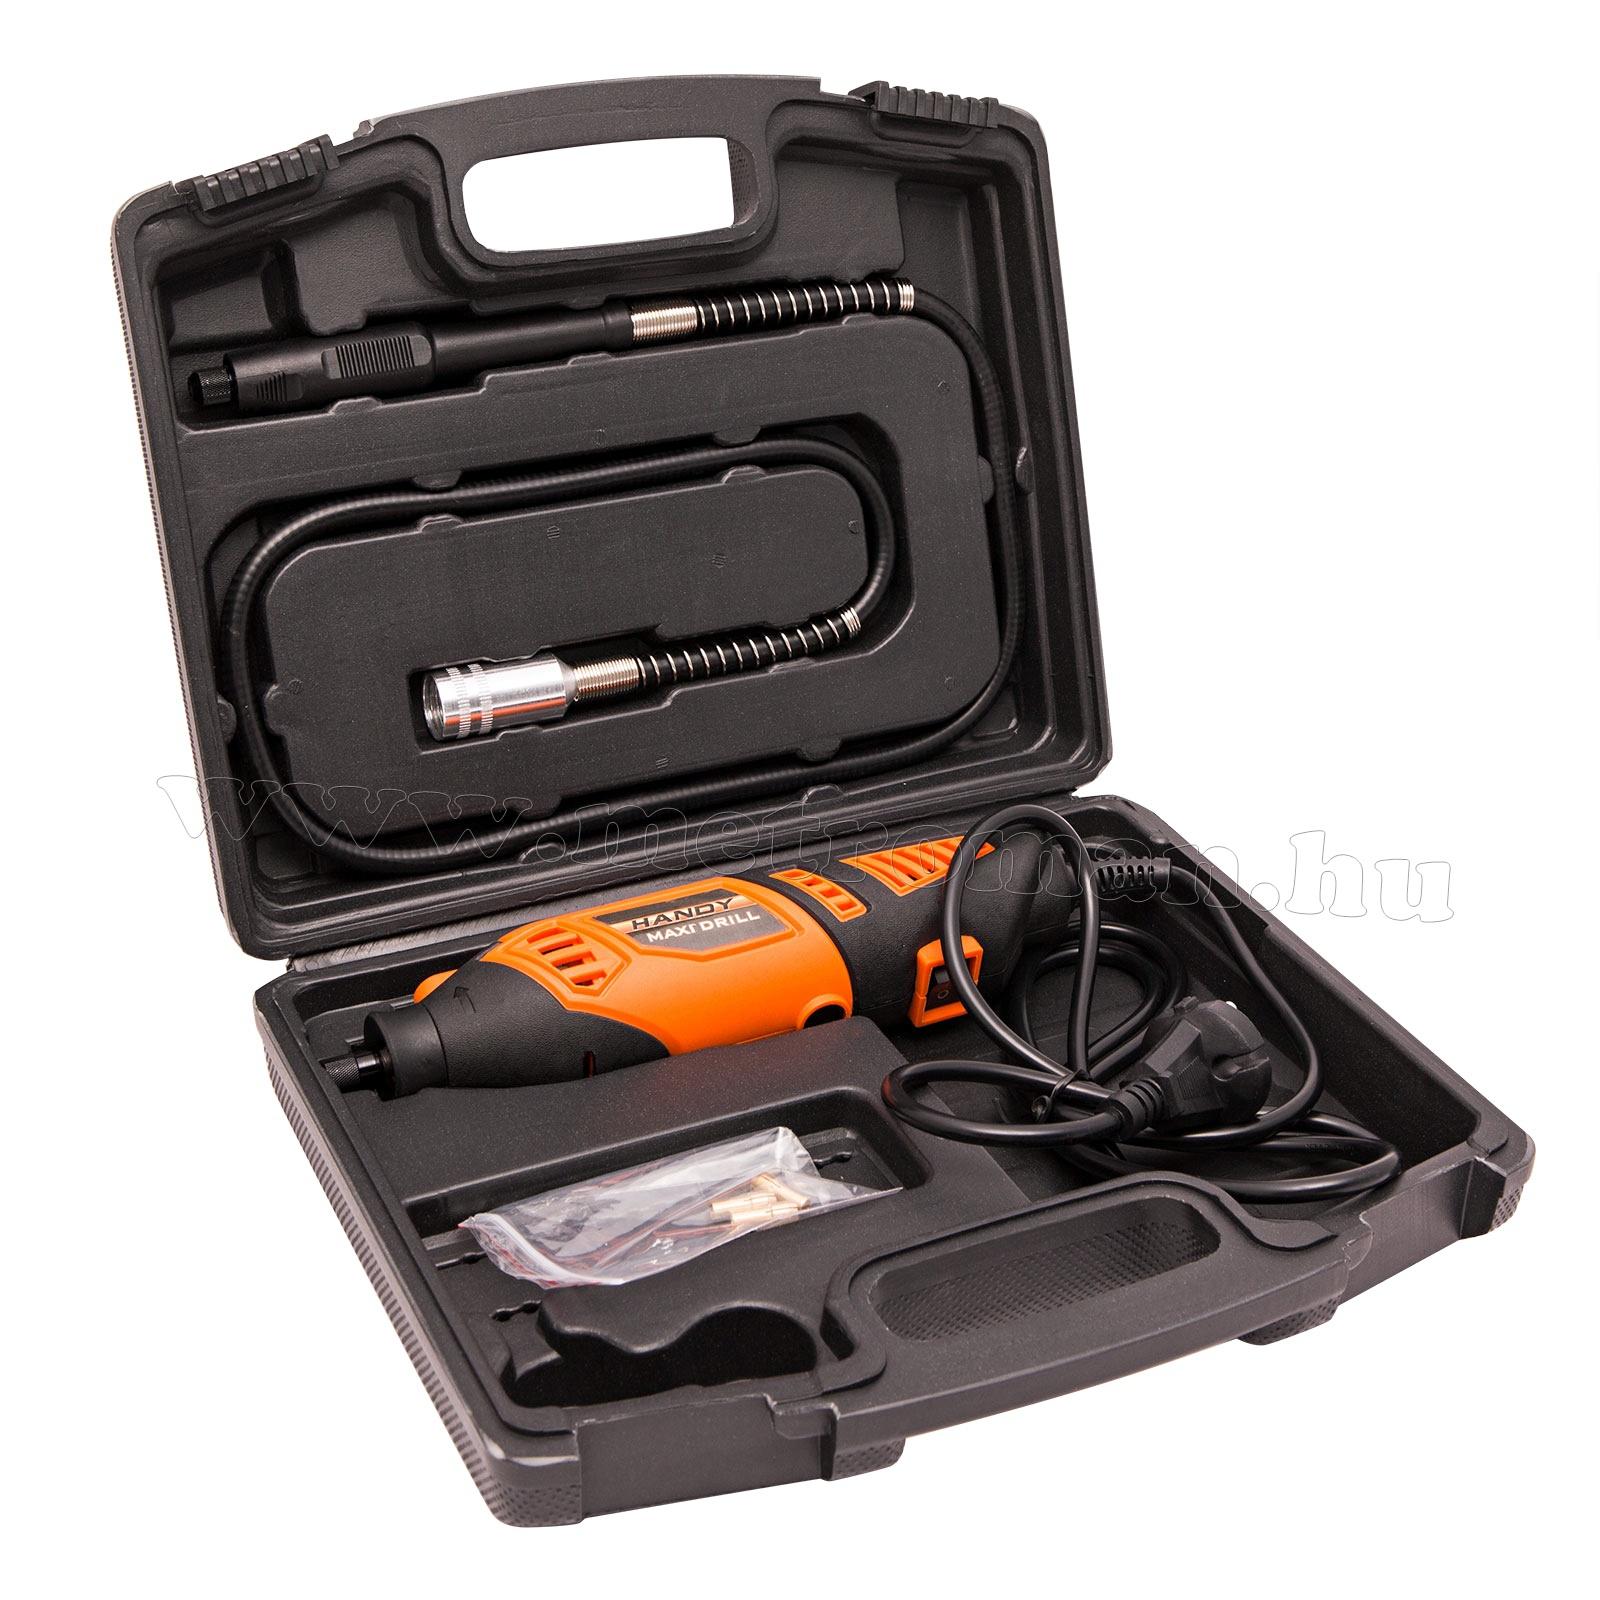 Kézi panel fúró és gravírozó, Handy Maxi 10363